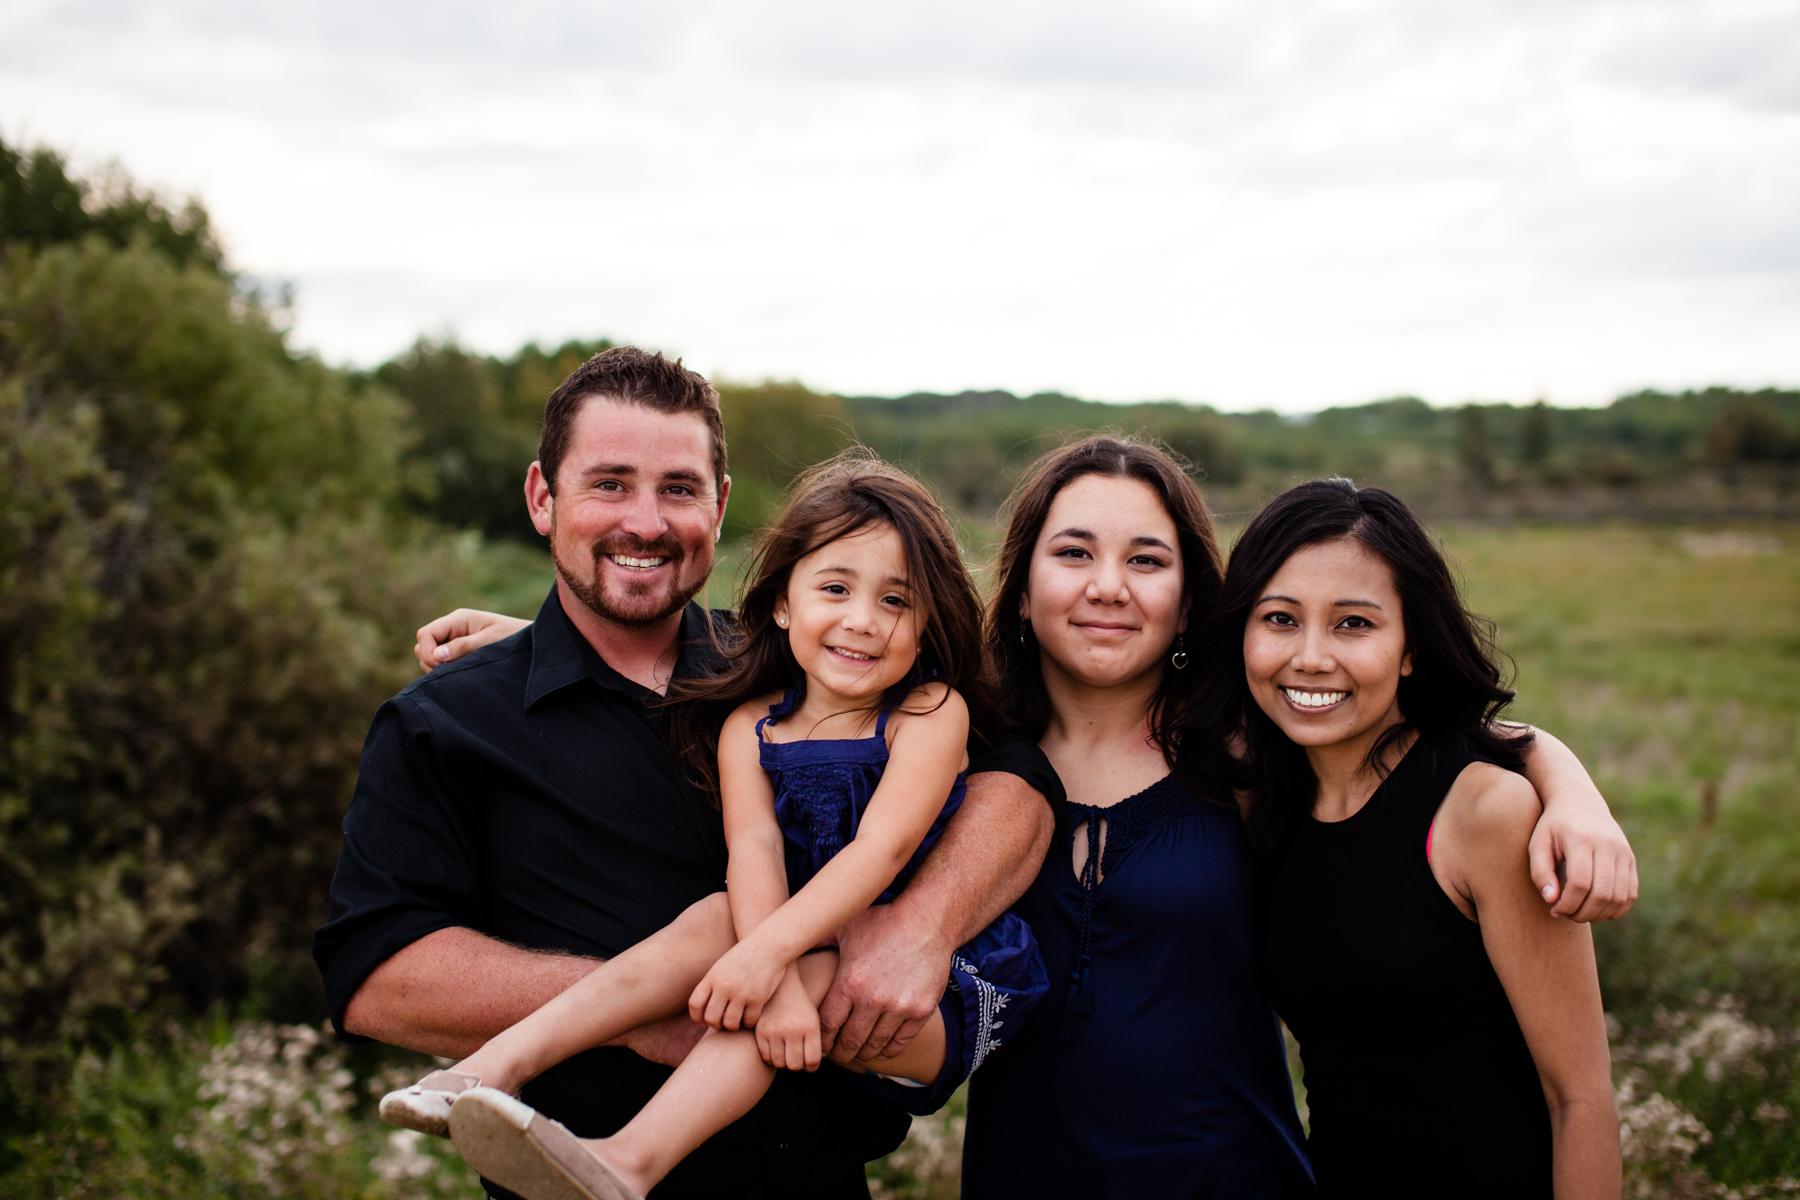 Hicox Family